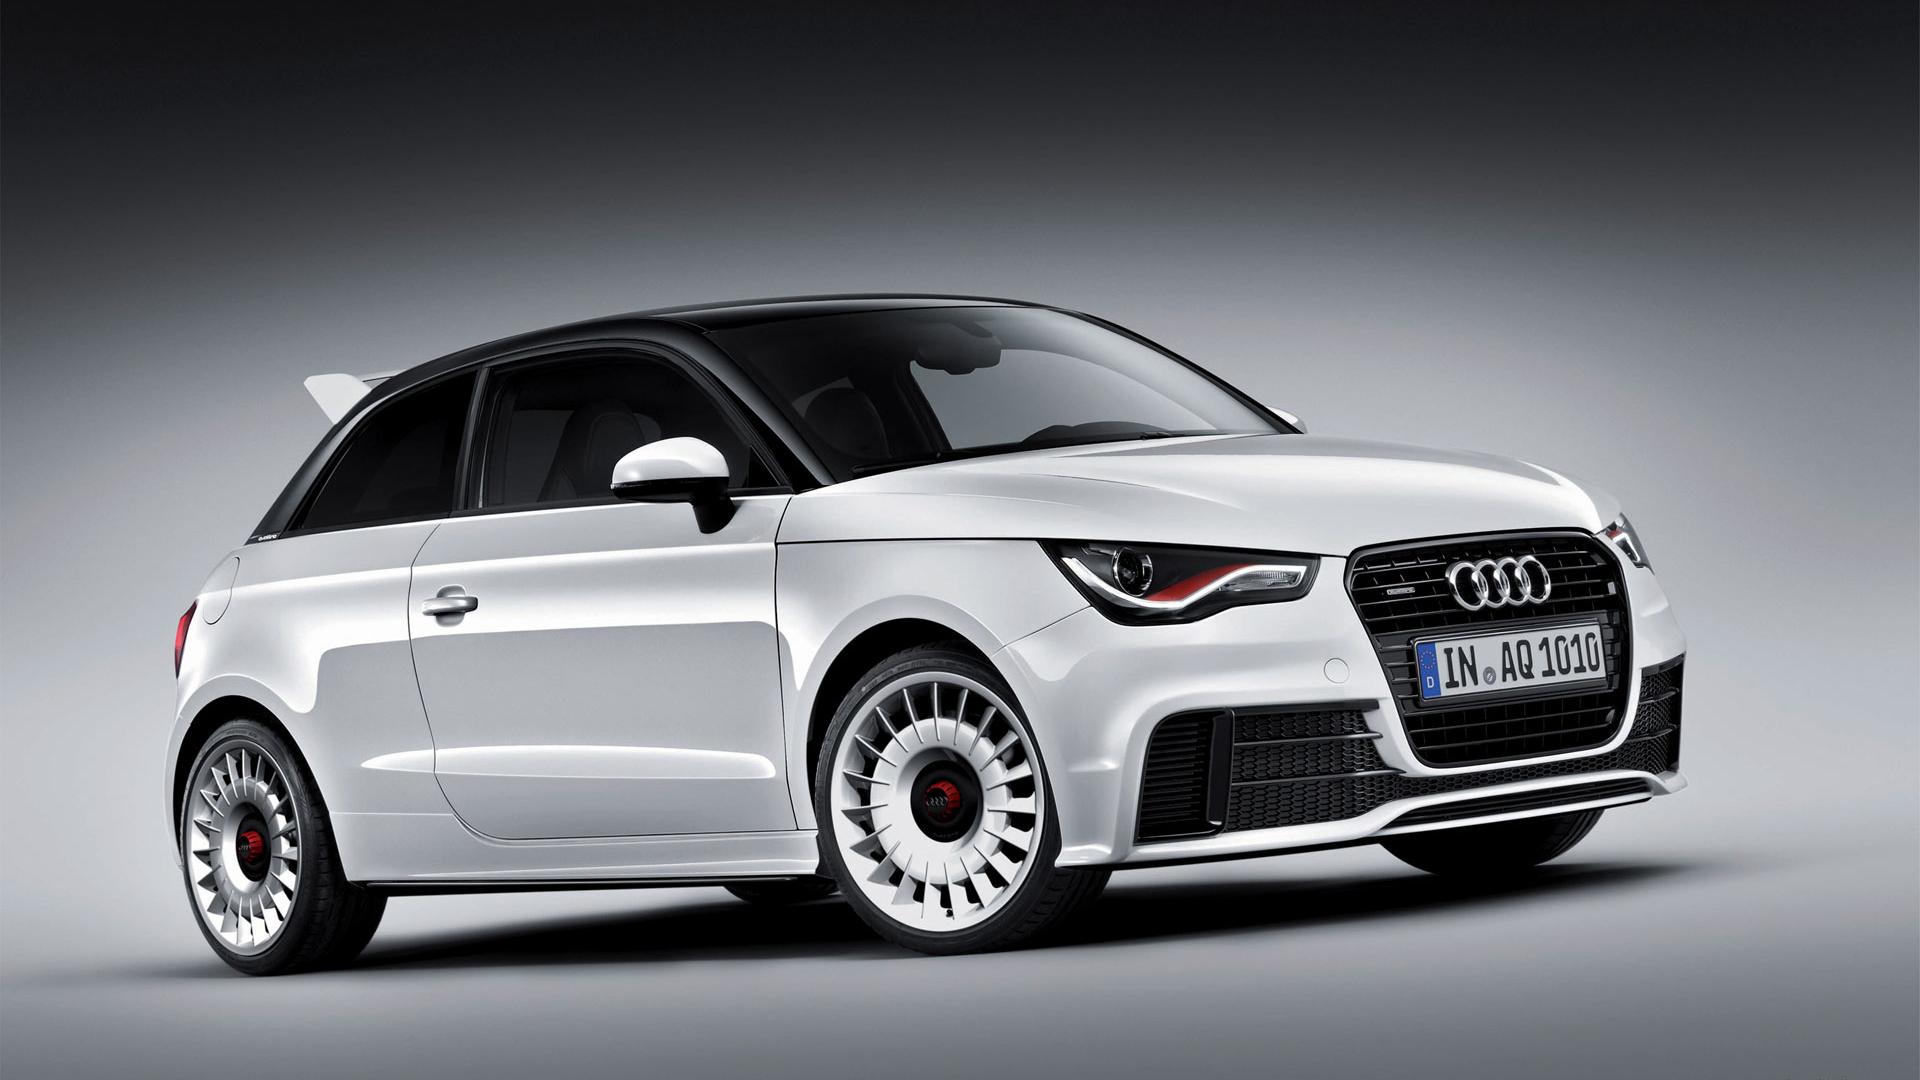 audi a1 neu 5 - Audi A1 neu bilder